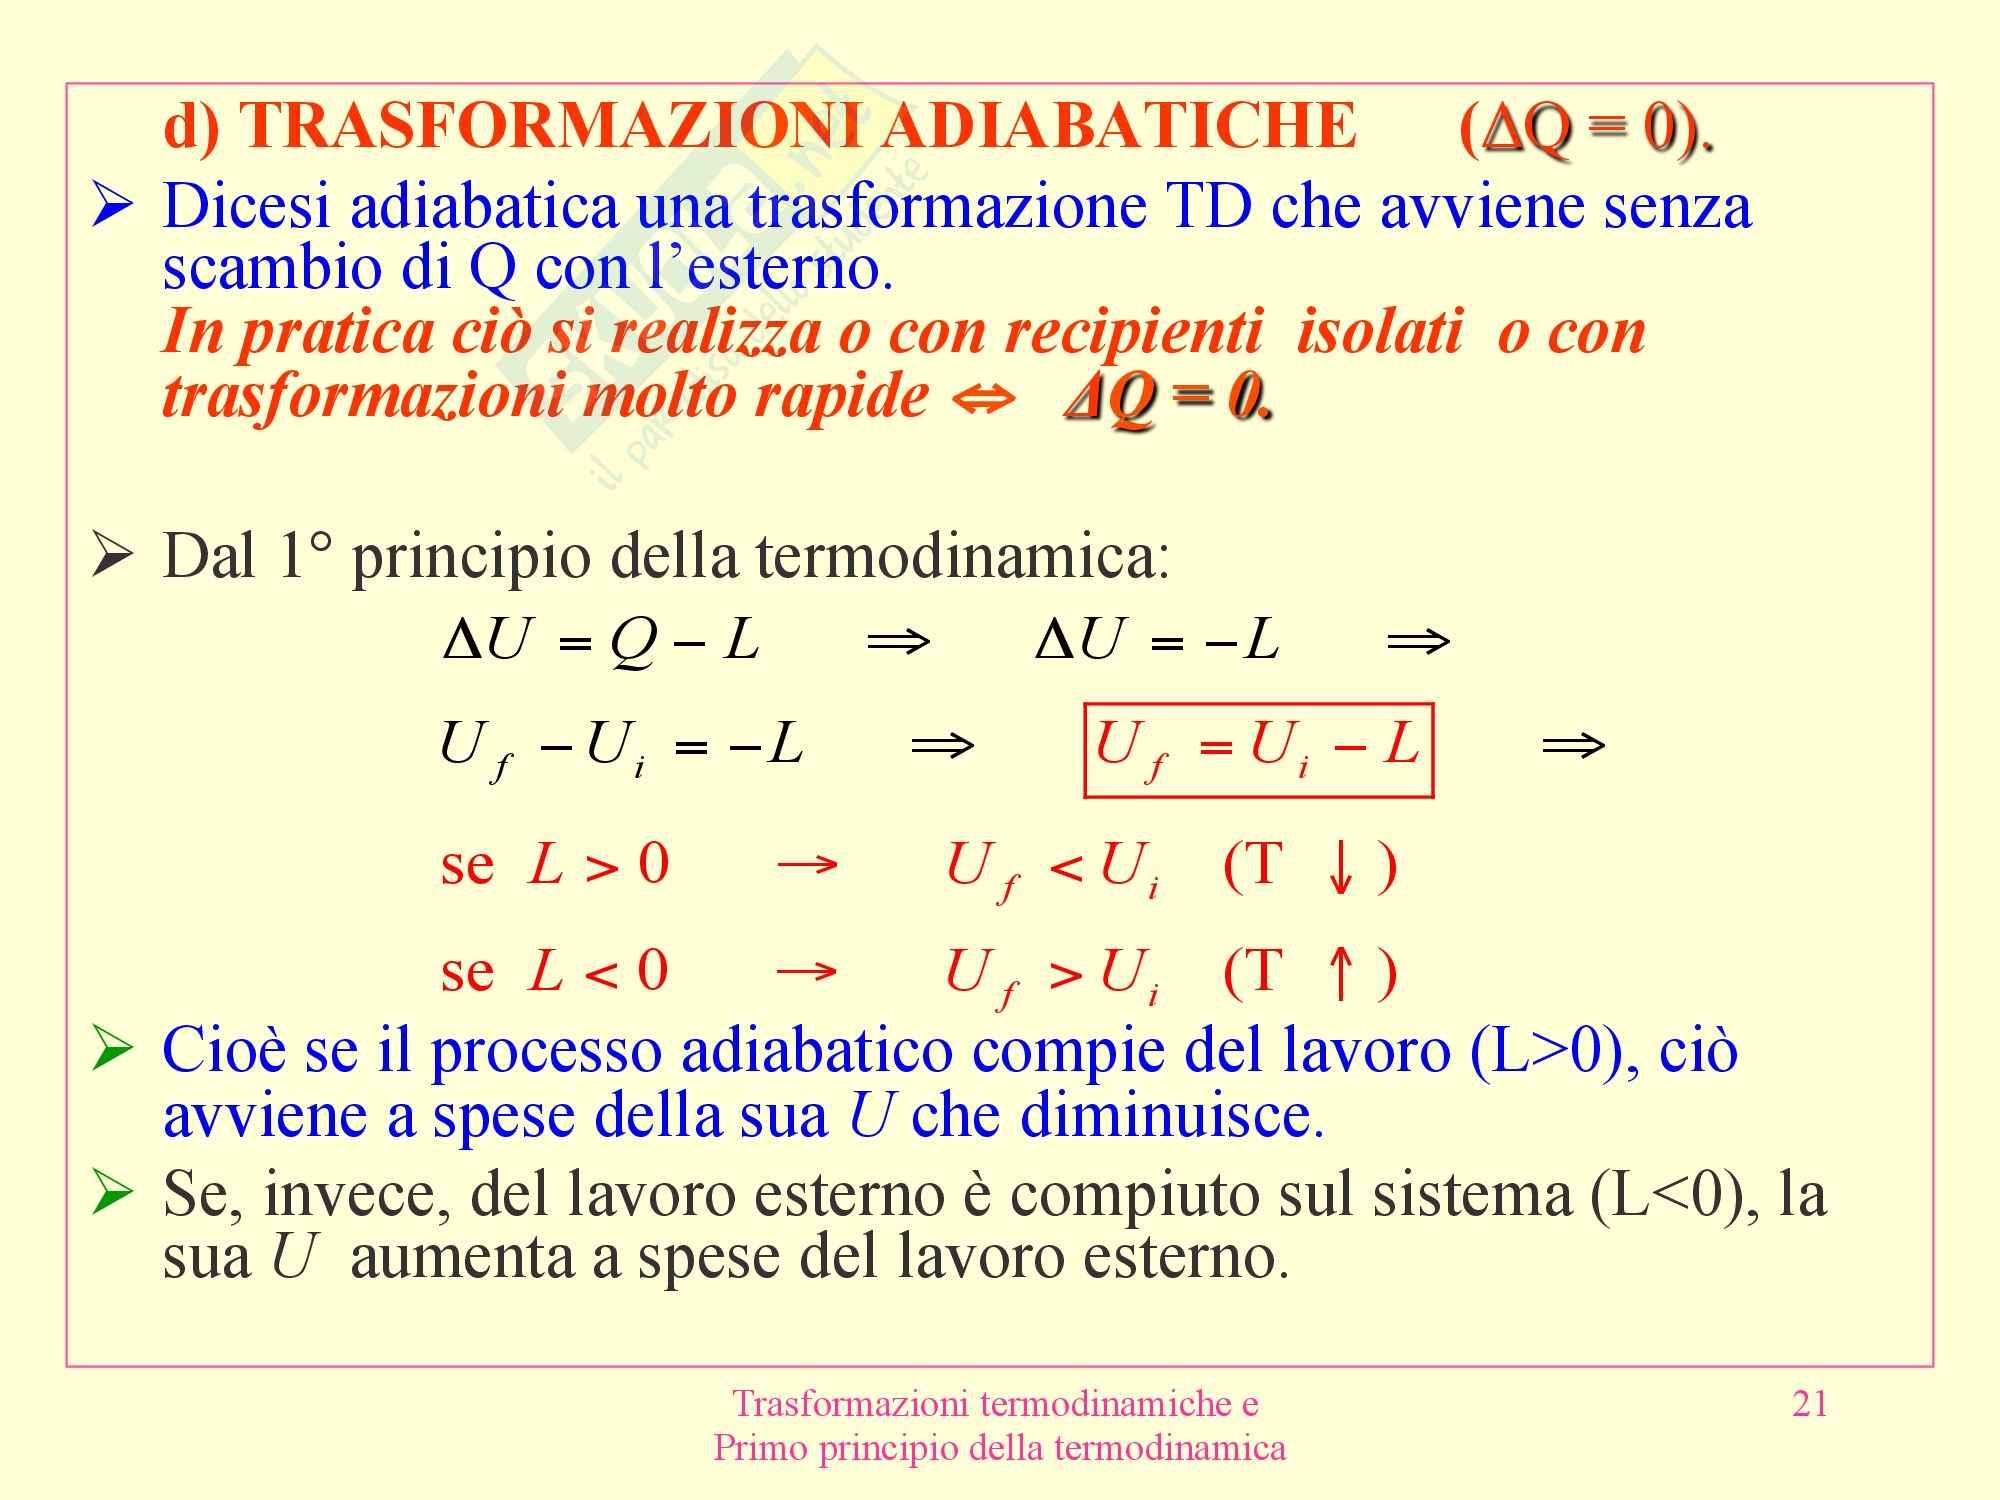 Fisica medica - termodinamica Pag. 21